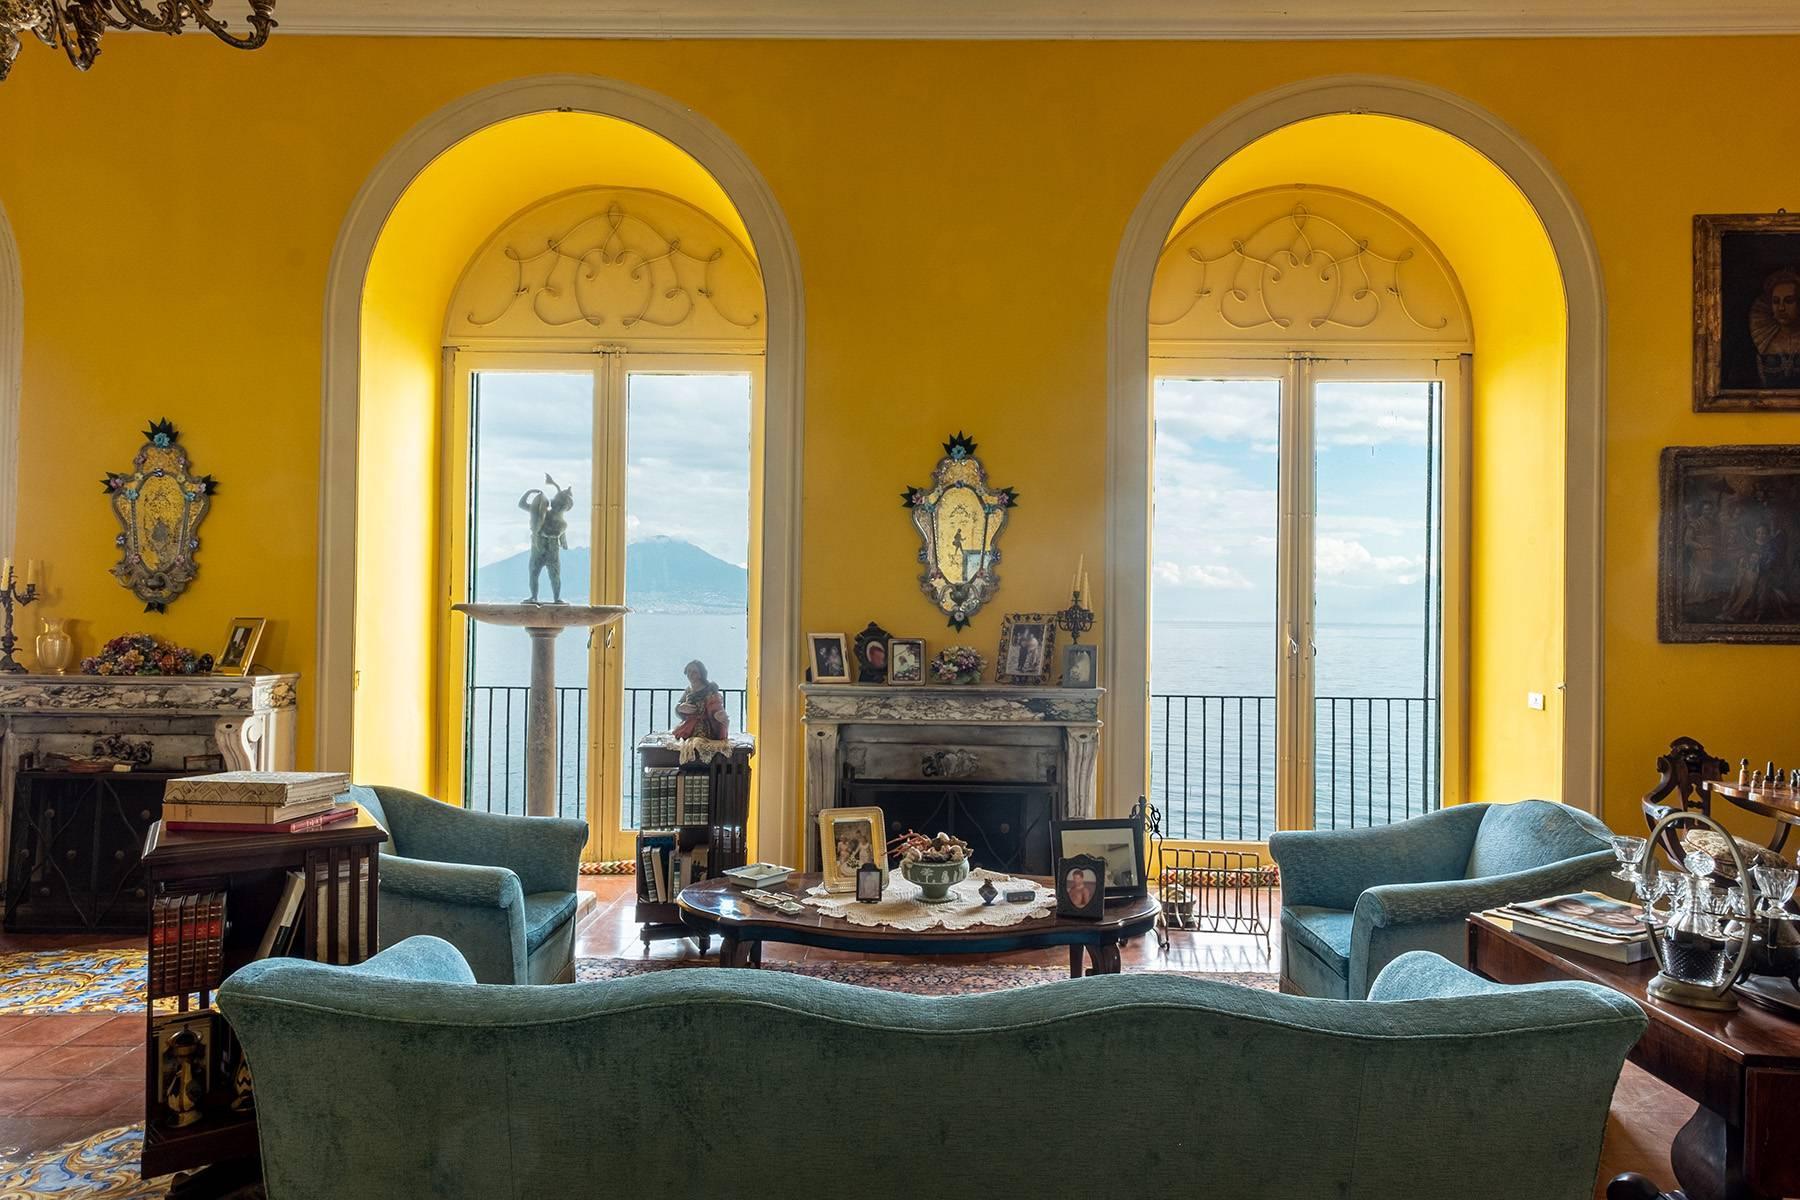 Первая линия моря! Потрясающие апартаменты в старинной вилле в Неаполе, Италия - 37